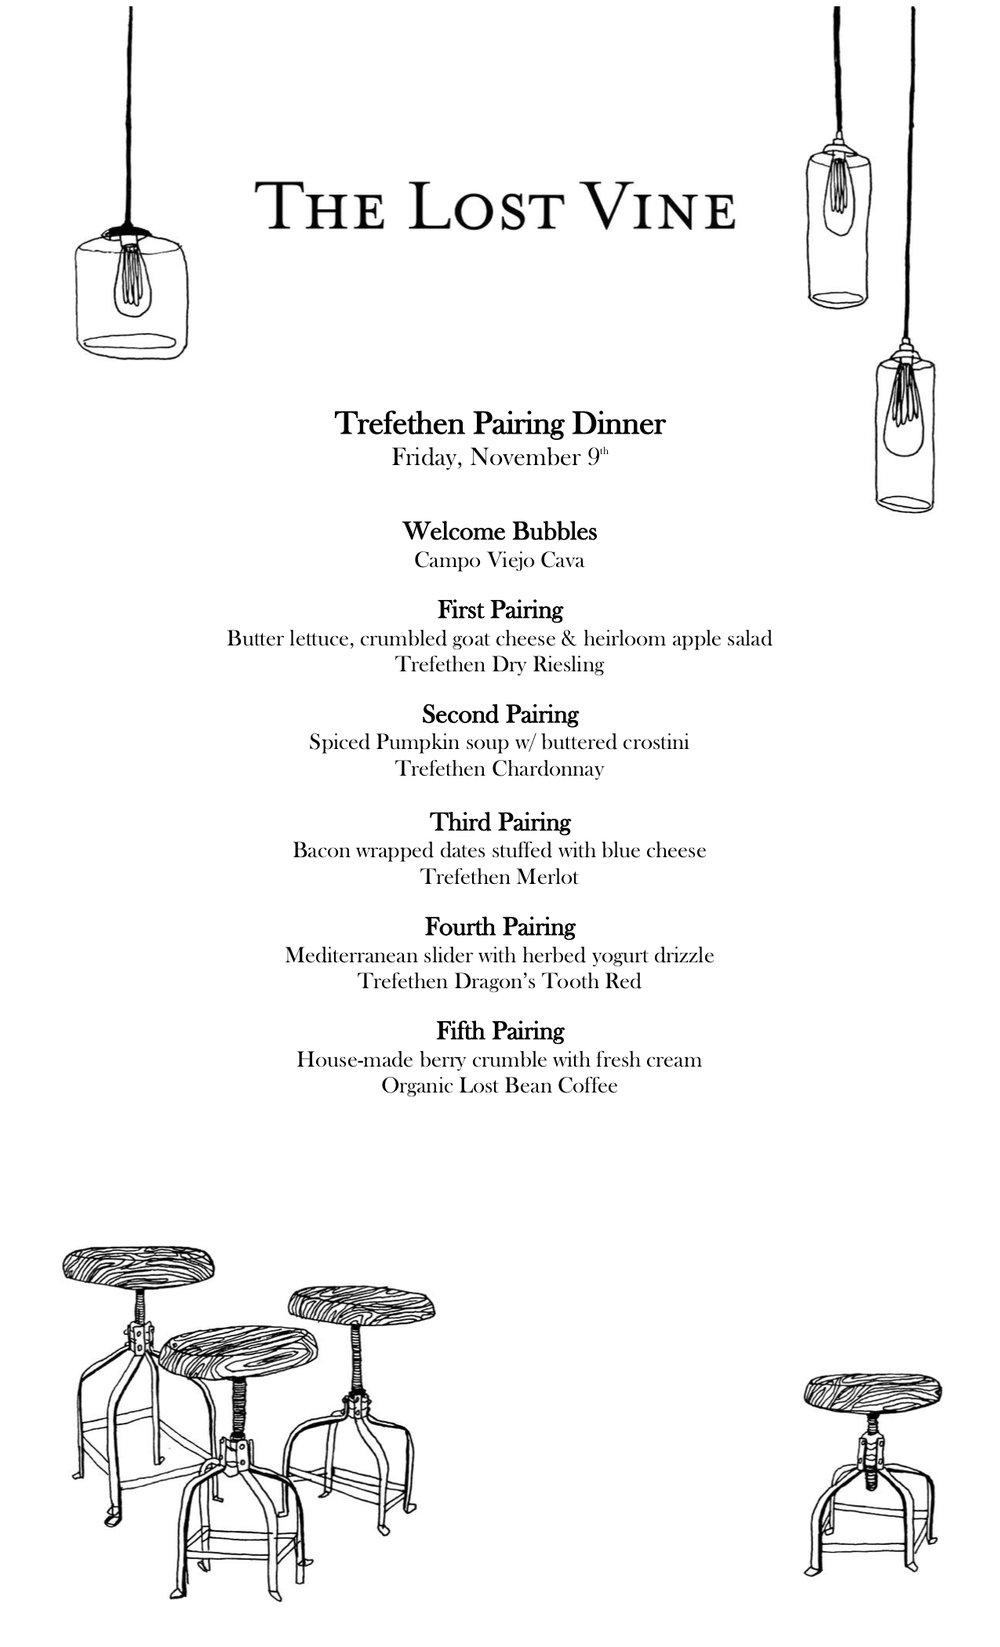 Trefethen Pairing Dinner - November 9th.jpg